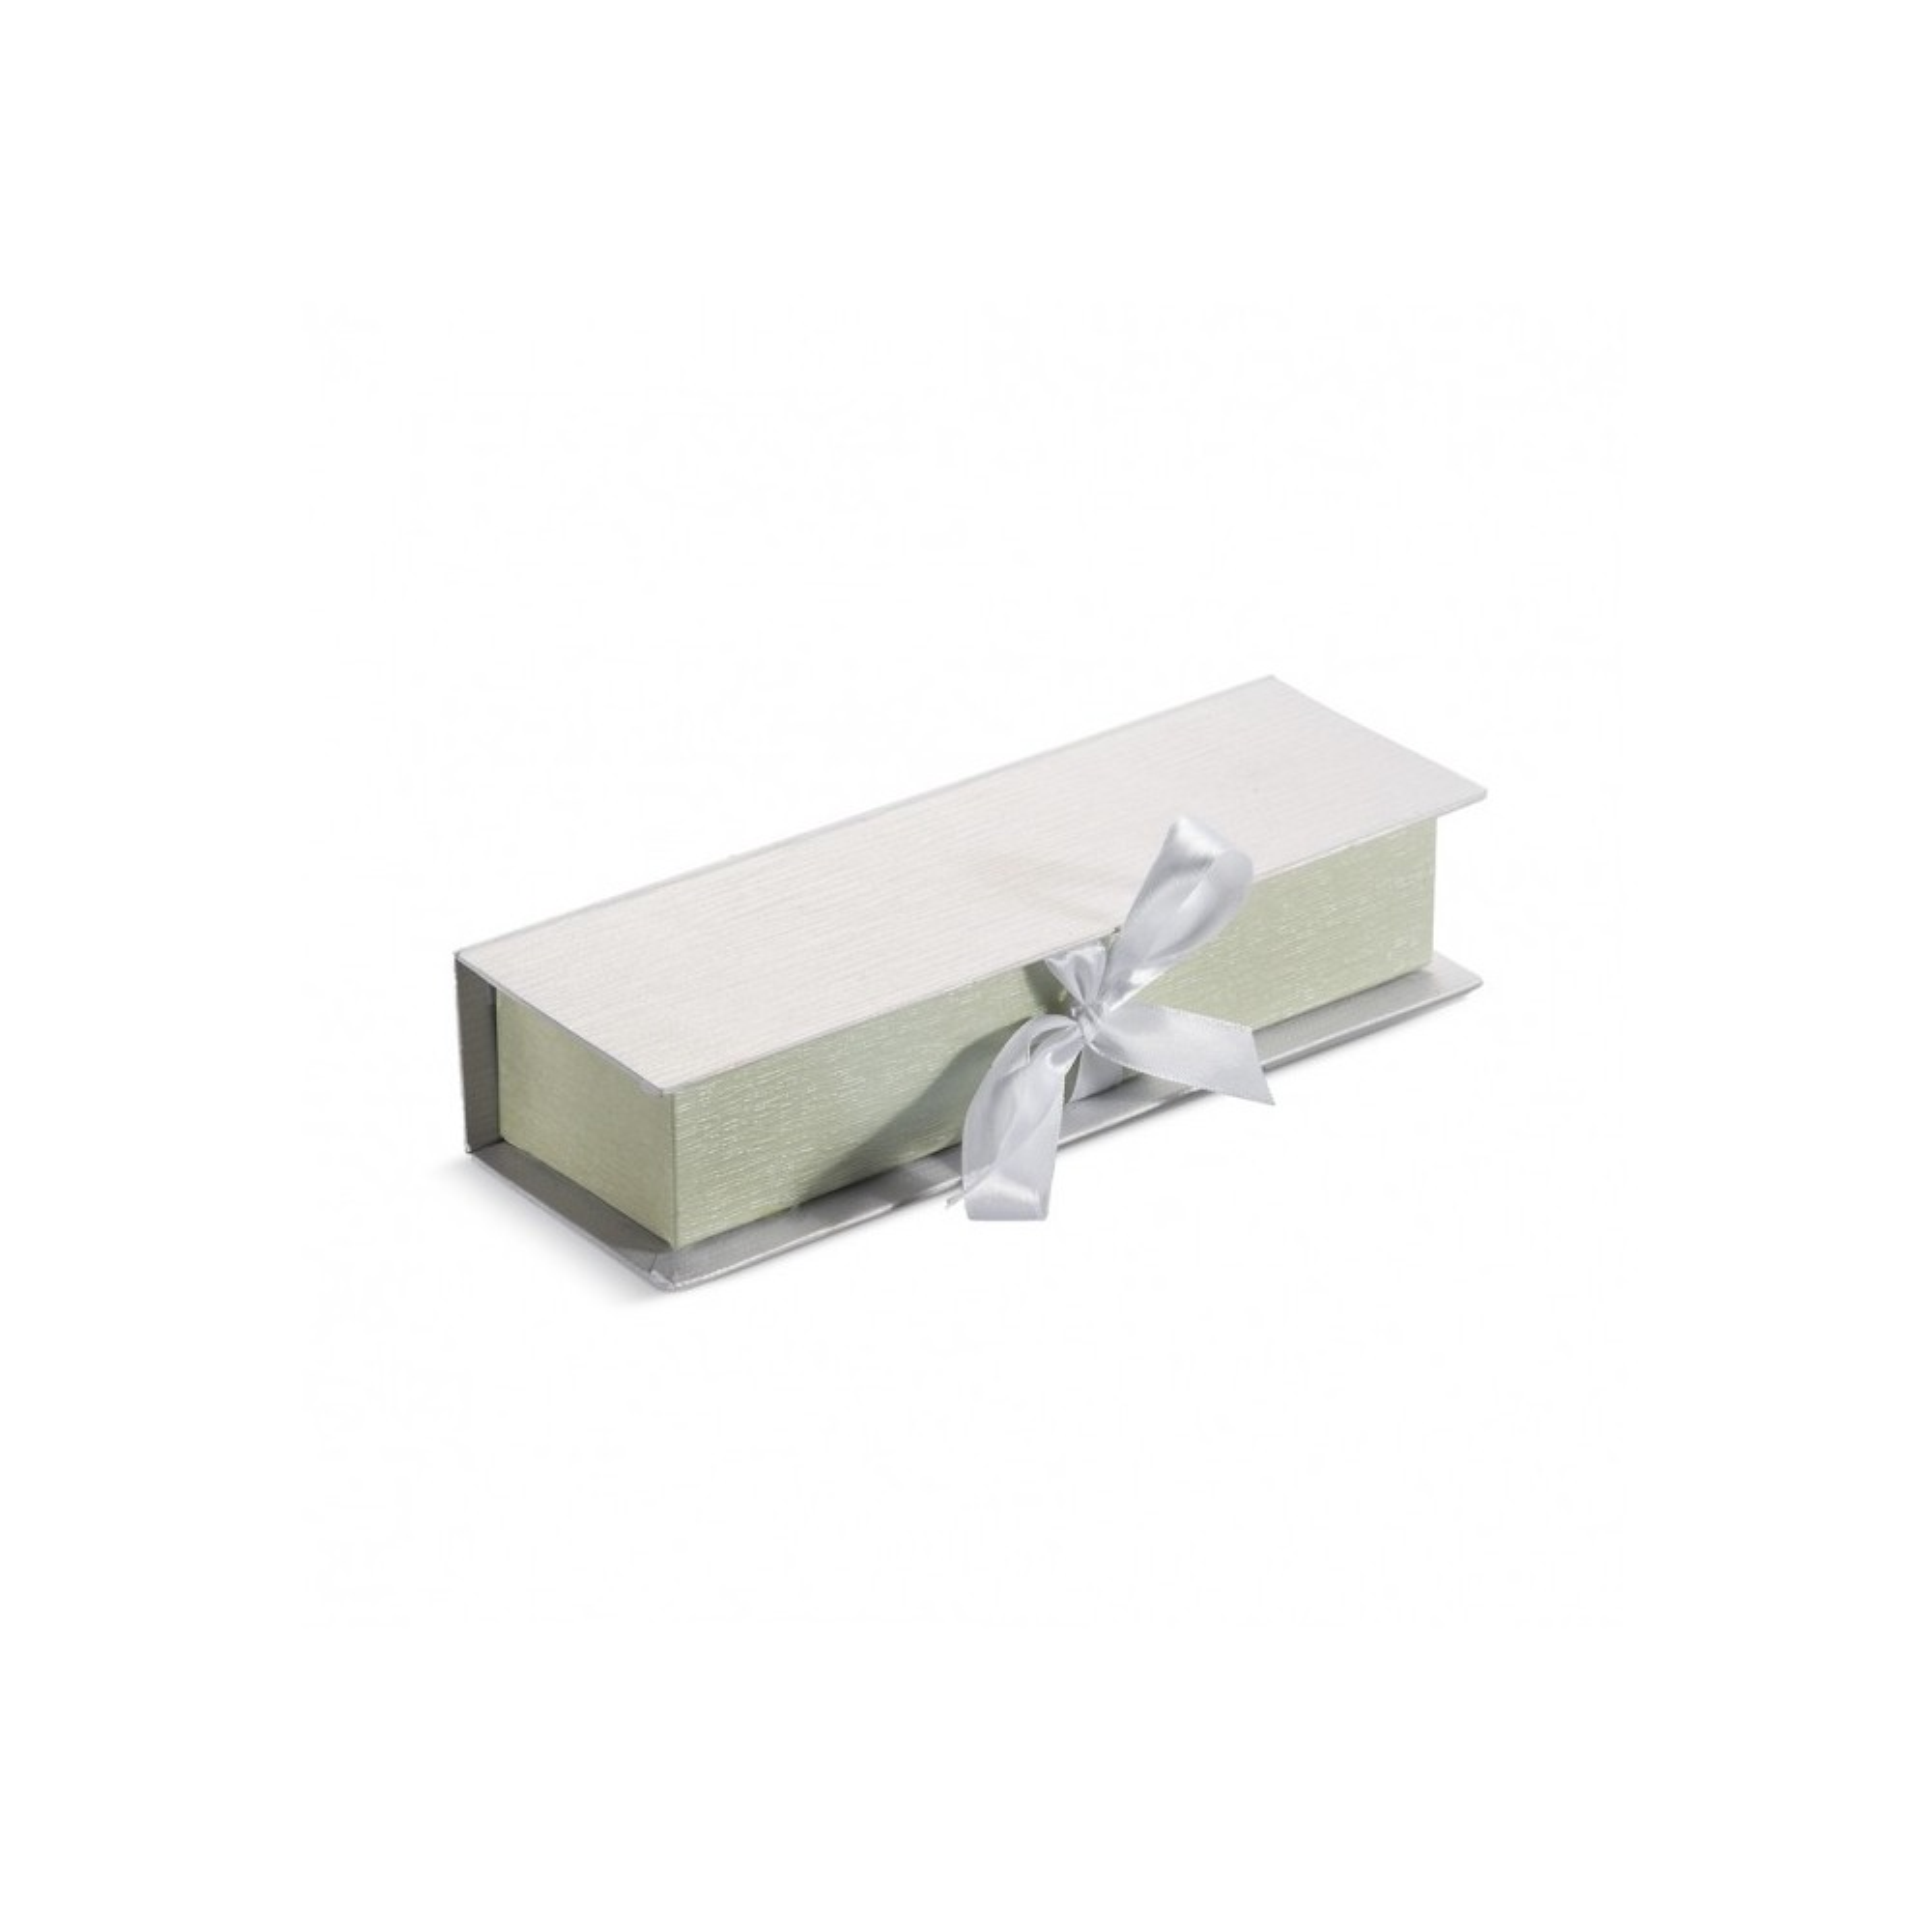 Κασετίνα για πρόσκληση & μπομπονιέρα με σατέν επένδυση - PAR-81403-01/10